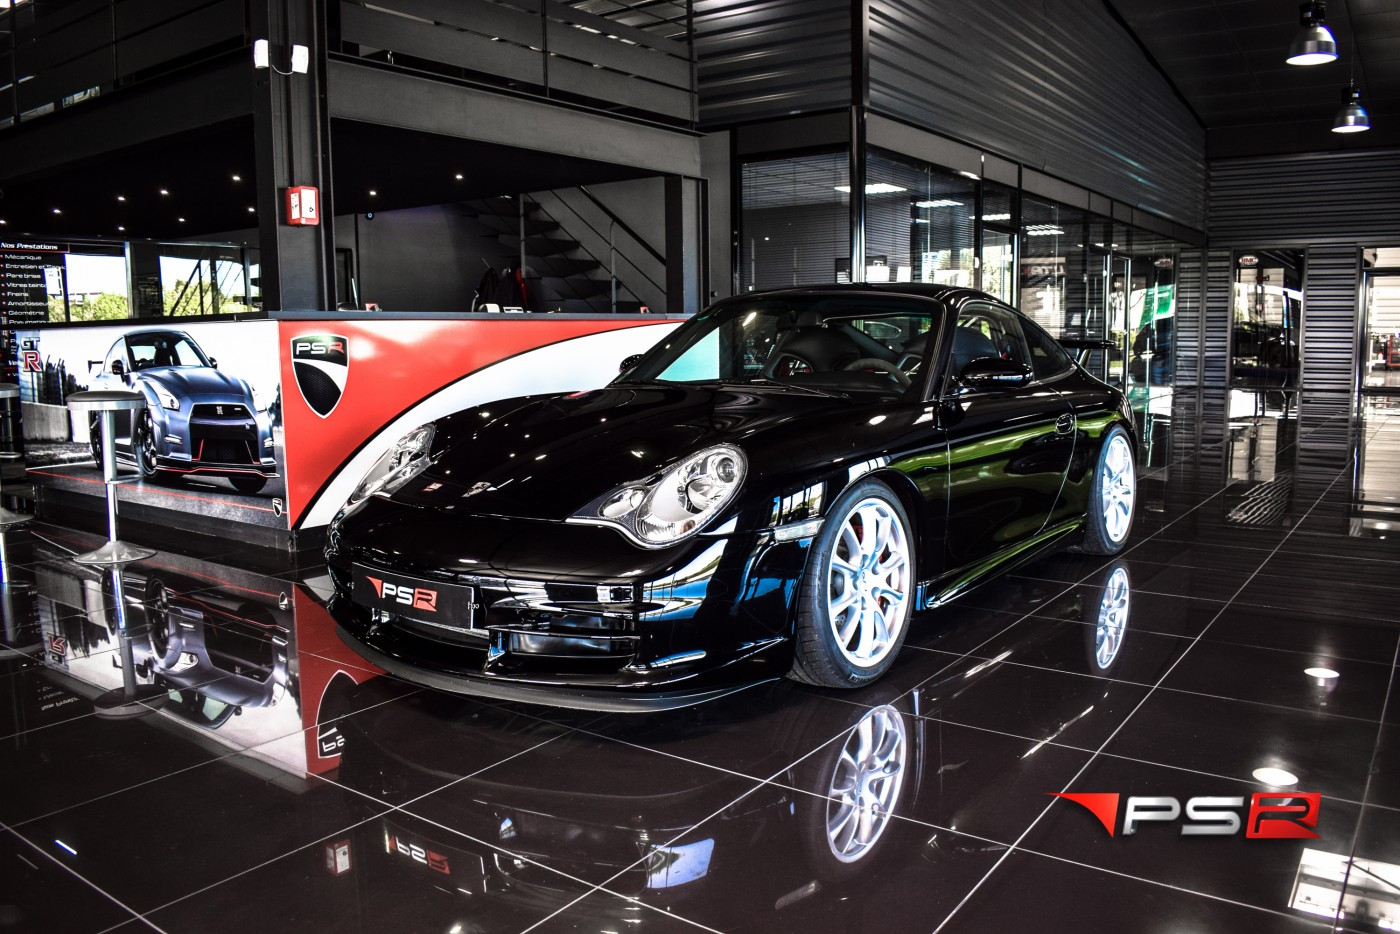 PORSCHE 911 TYPE 996 GT3